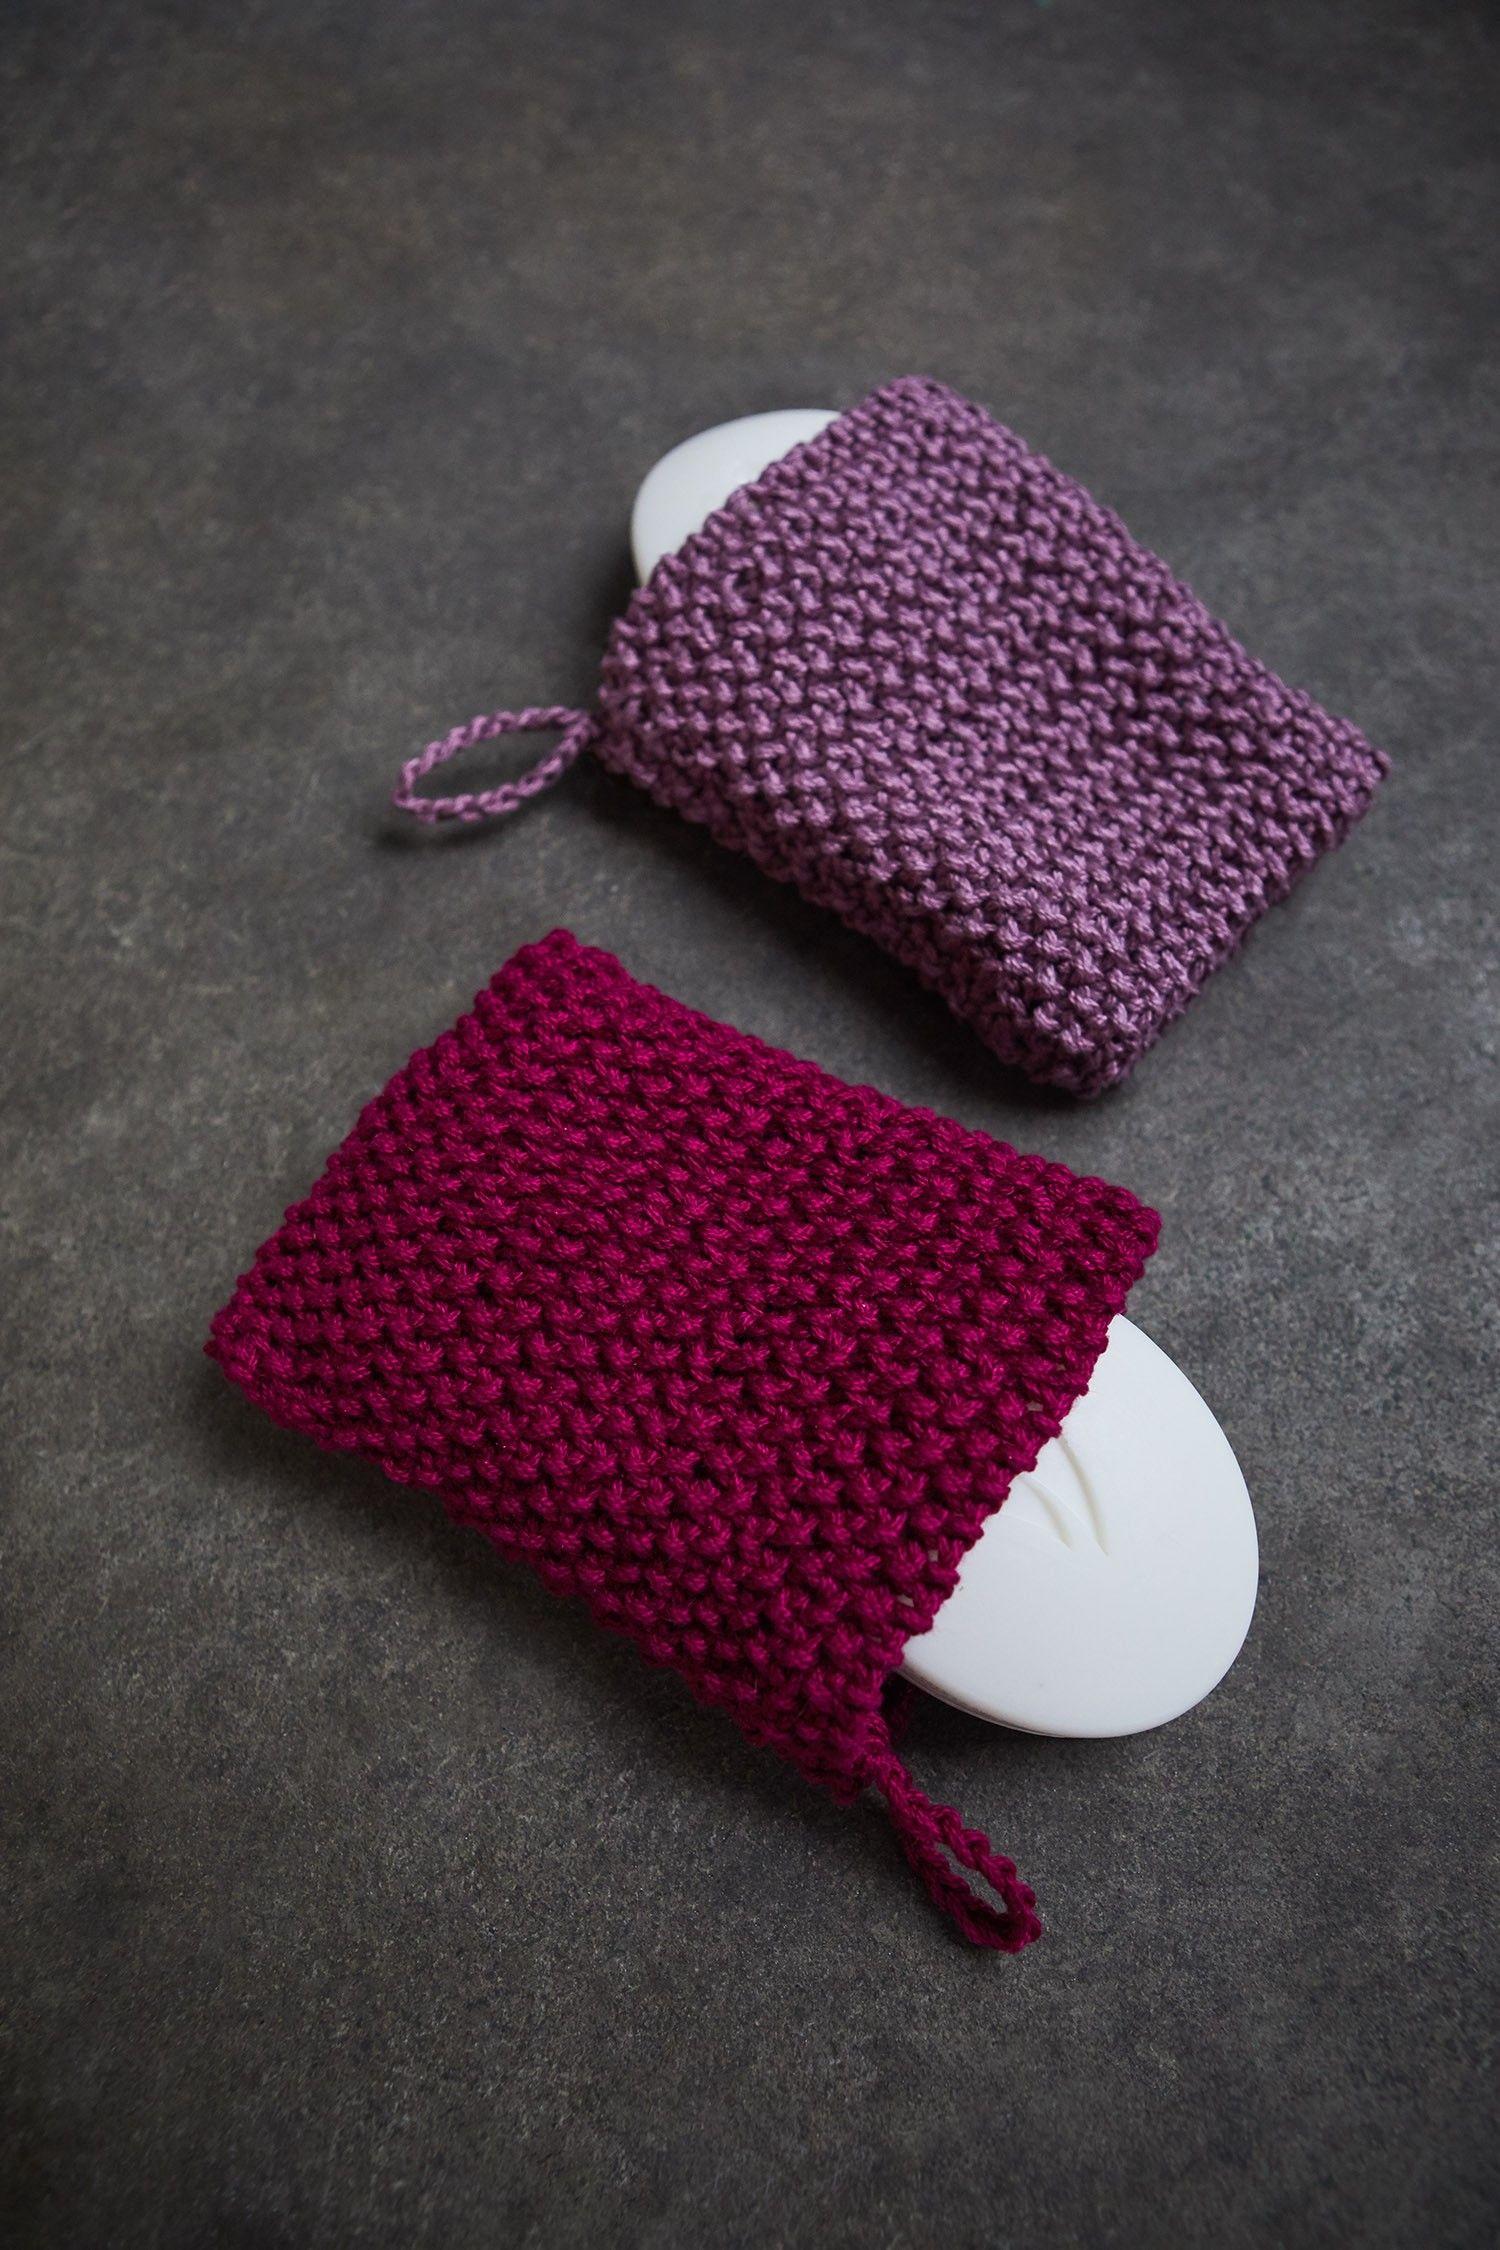 Soap Sack Knit Make Pinterest Knit Patterns Crochet And Yarns